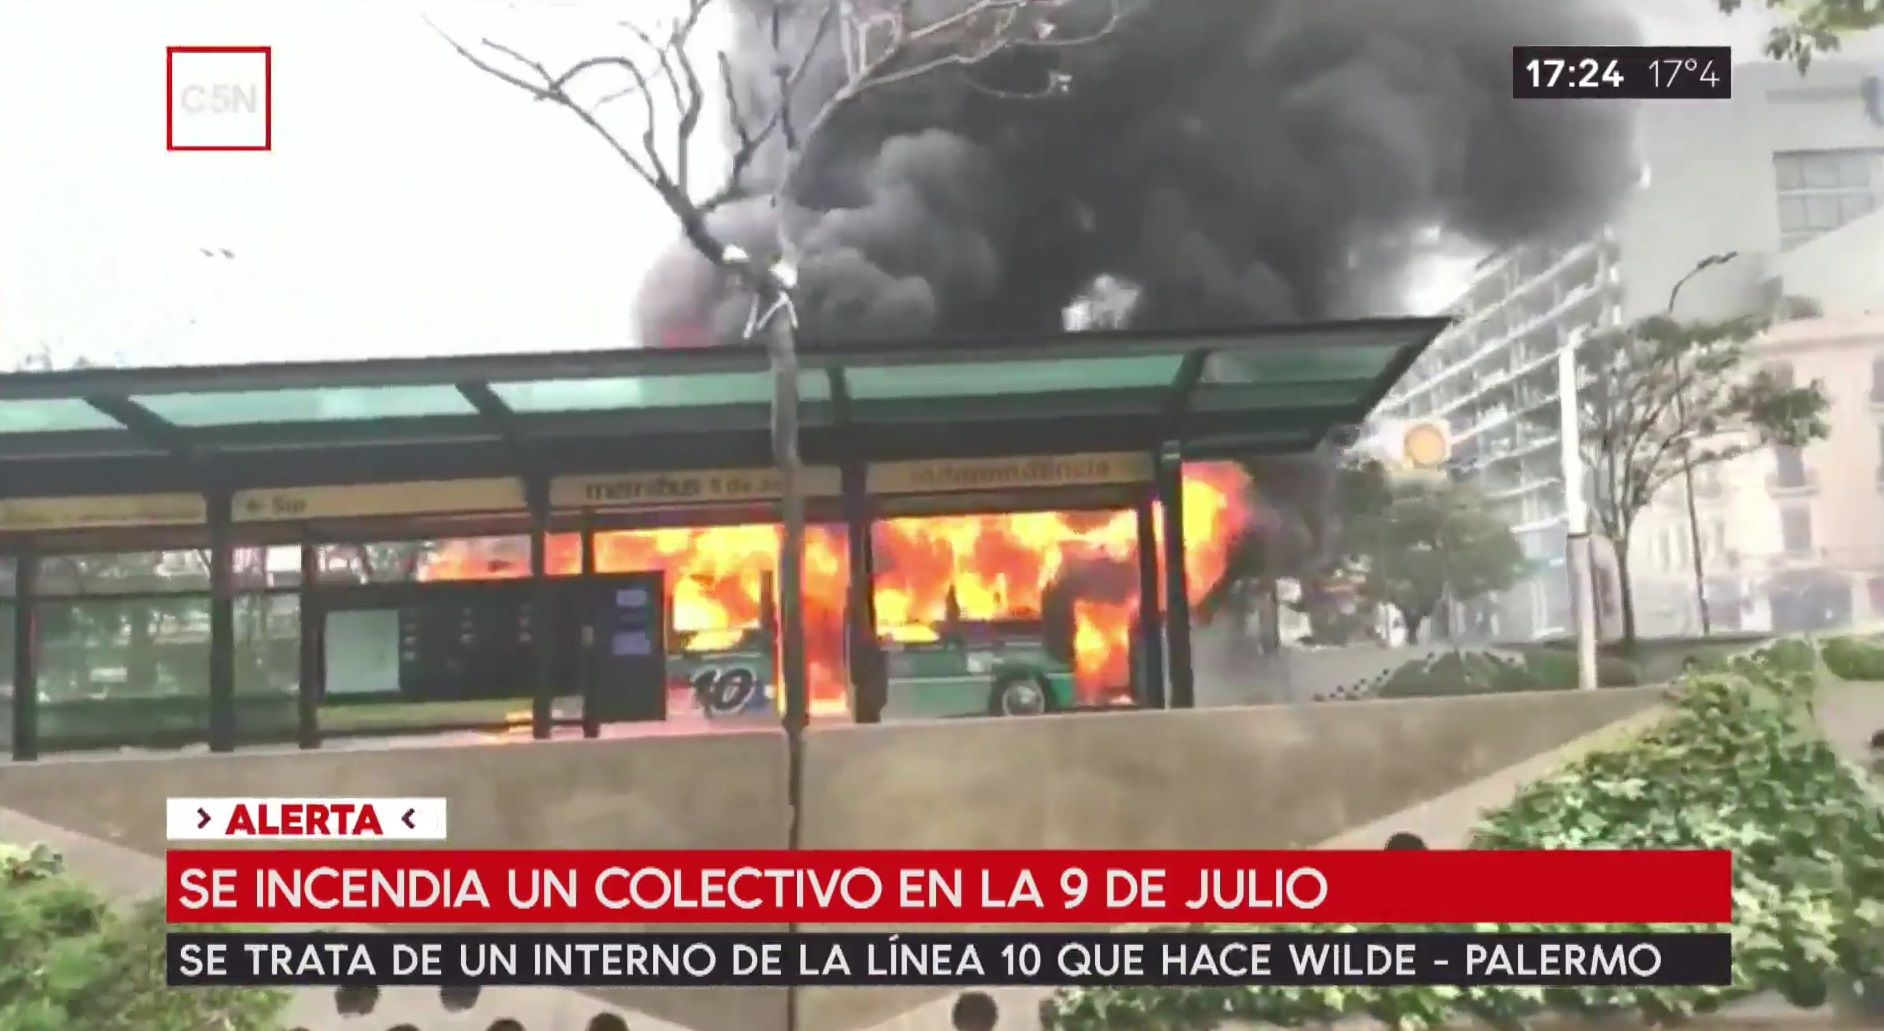 Se incendió un colectivo en el Metrobus de la 9 de Julio